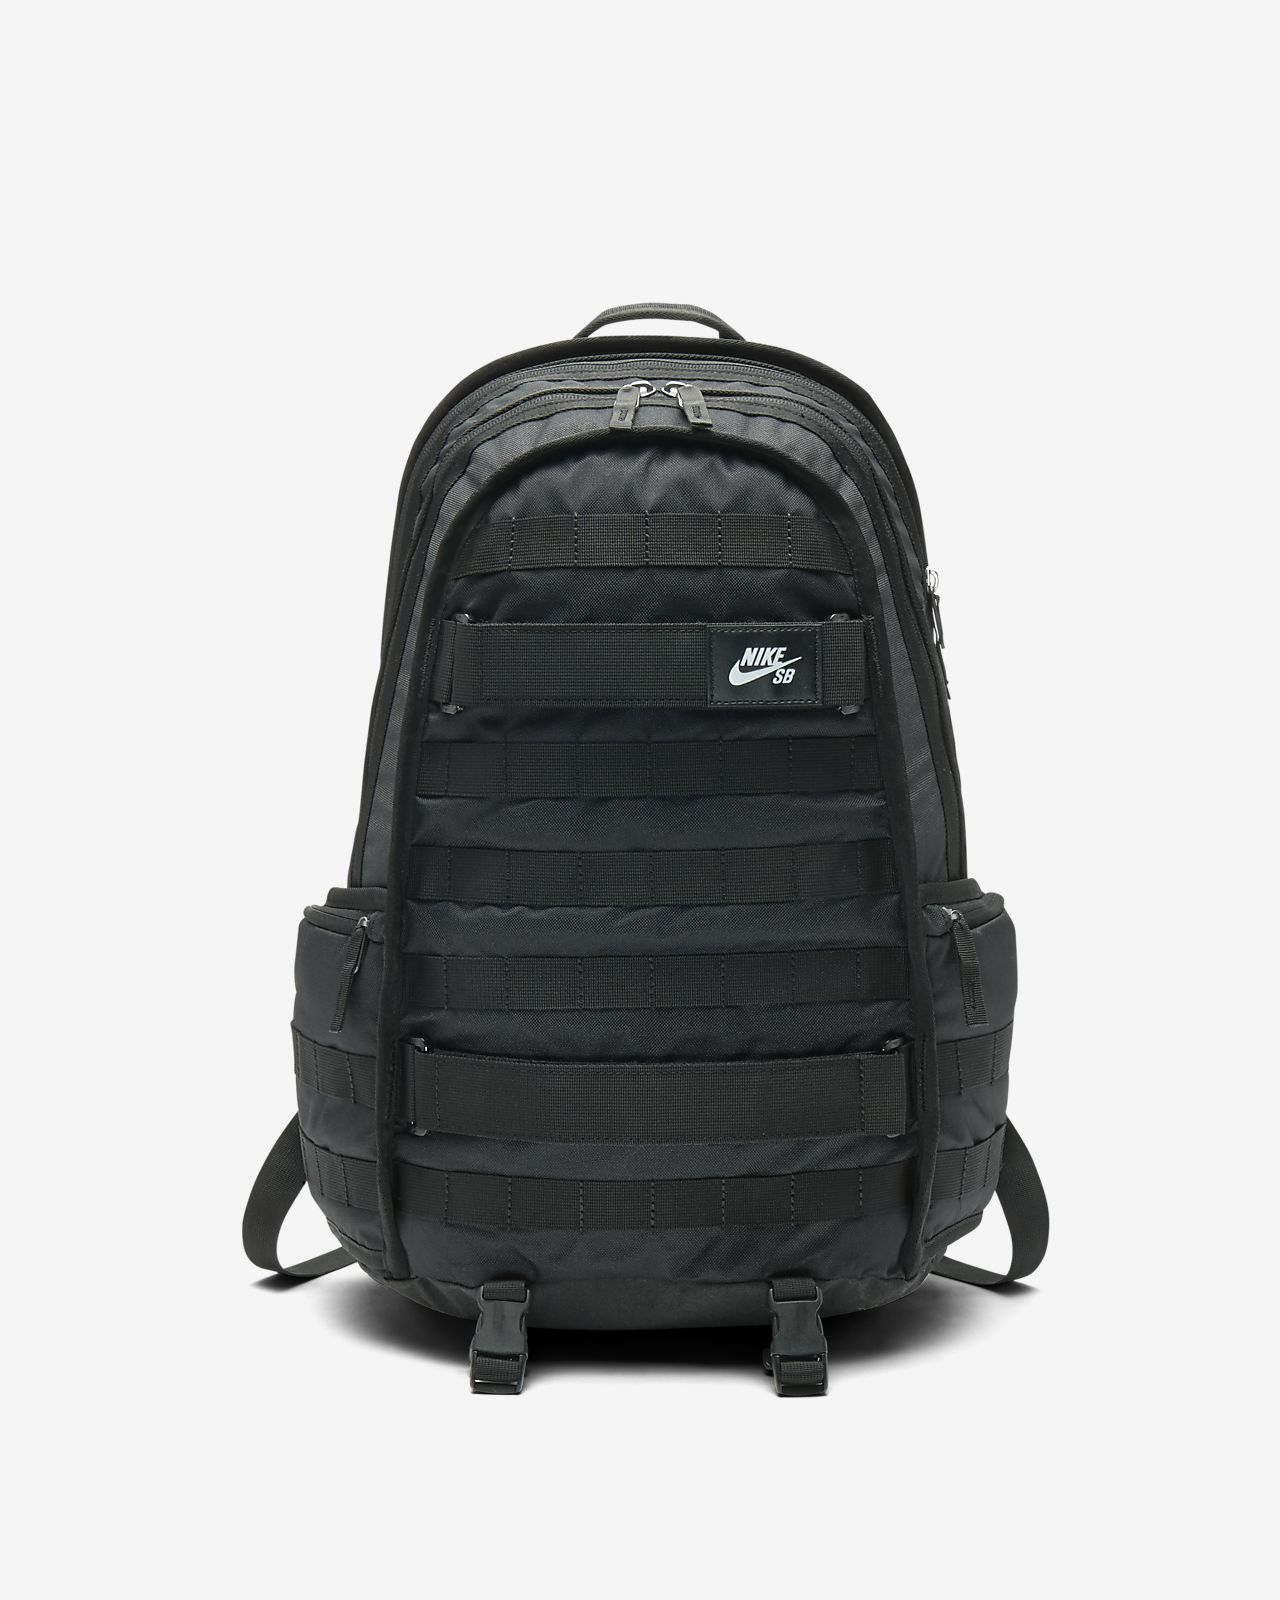 Рюкзак для скейтбординга Nike SB RPM